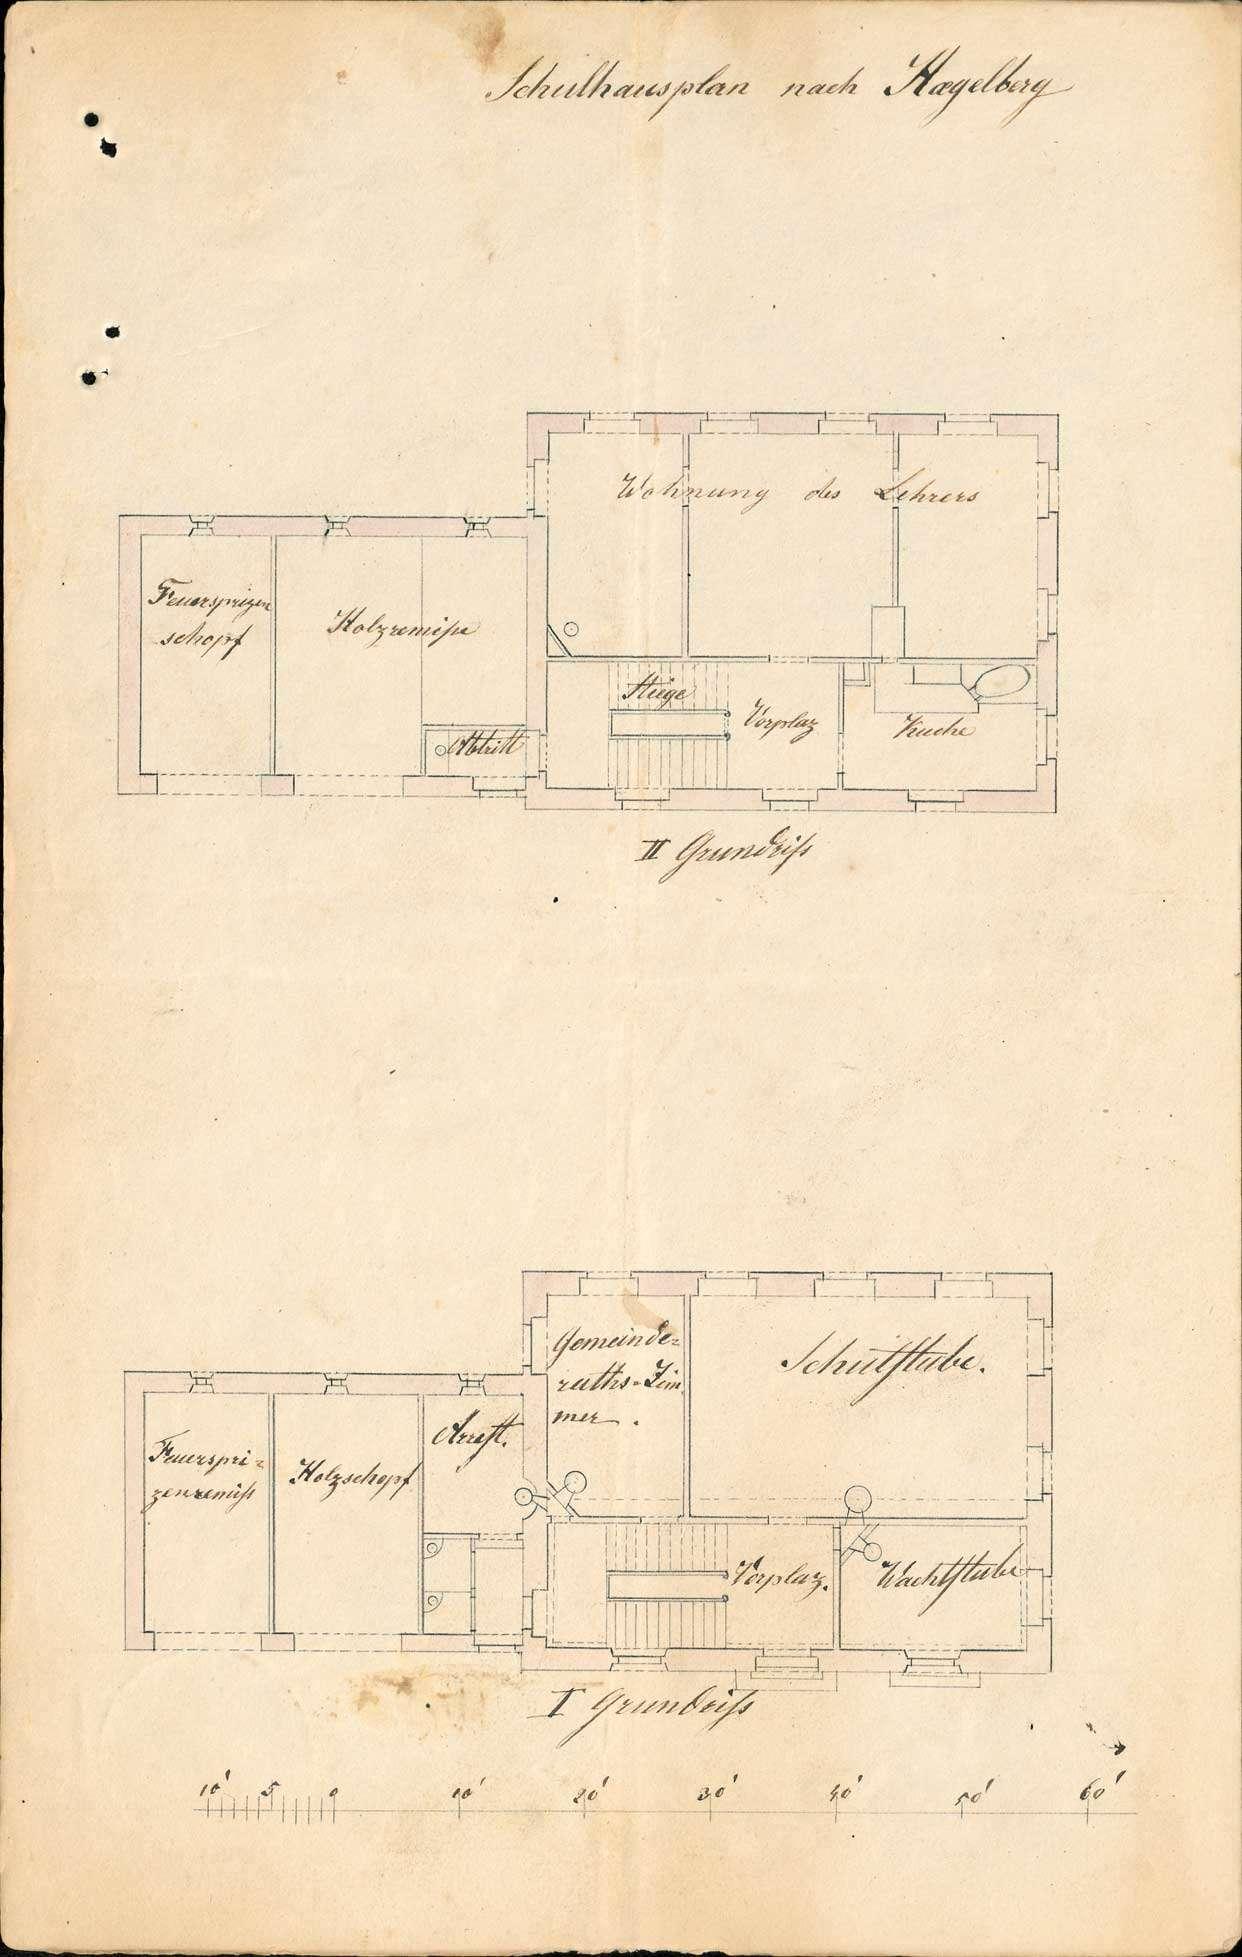 Erbauung und Unterhaltung des Schul- und Gemeindehauses zu Hägelberg, Bild 2